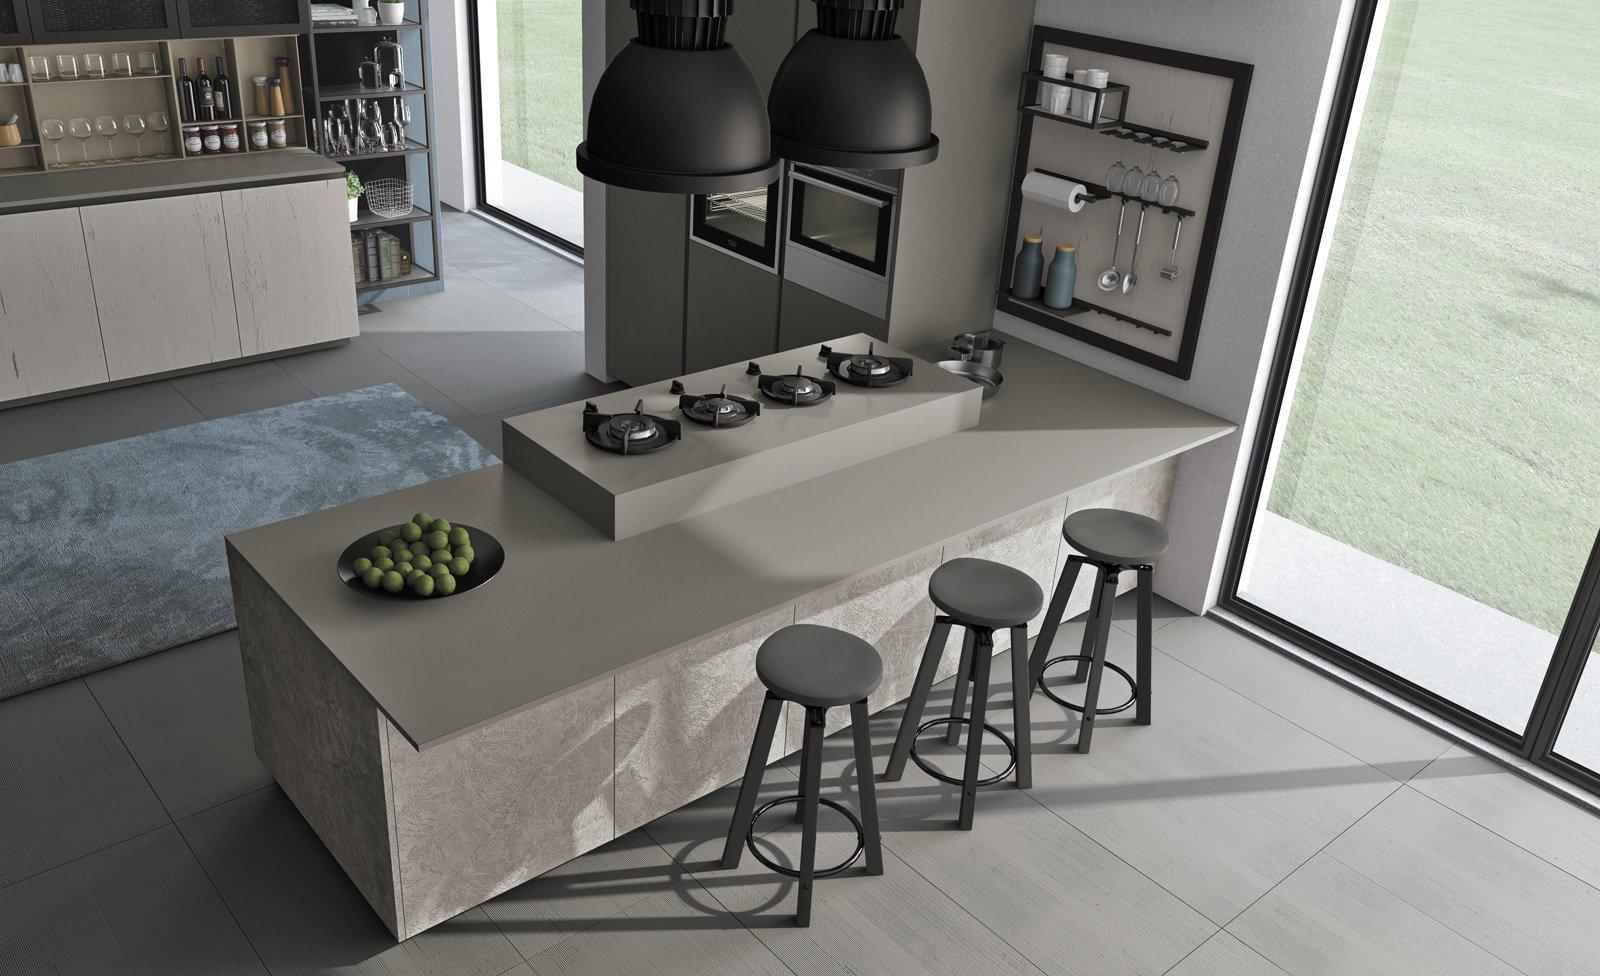 Piani di lavoro innovativi per la cucina cose di casa for Piano cucina in cemento